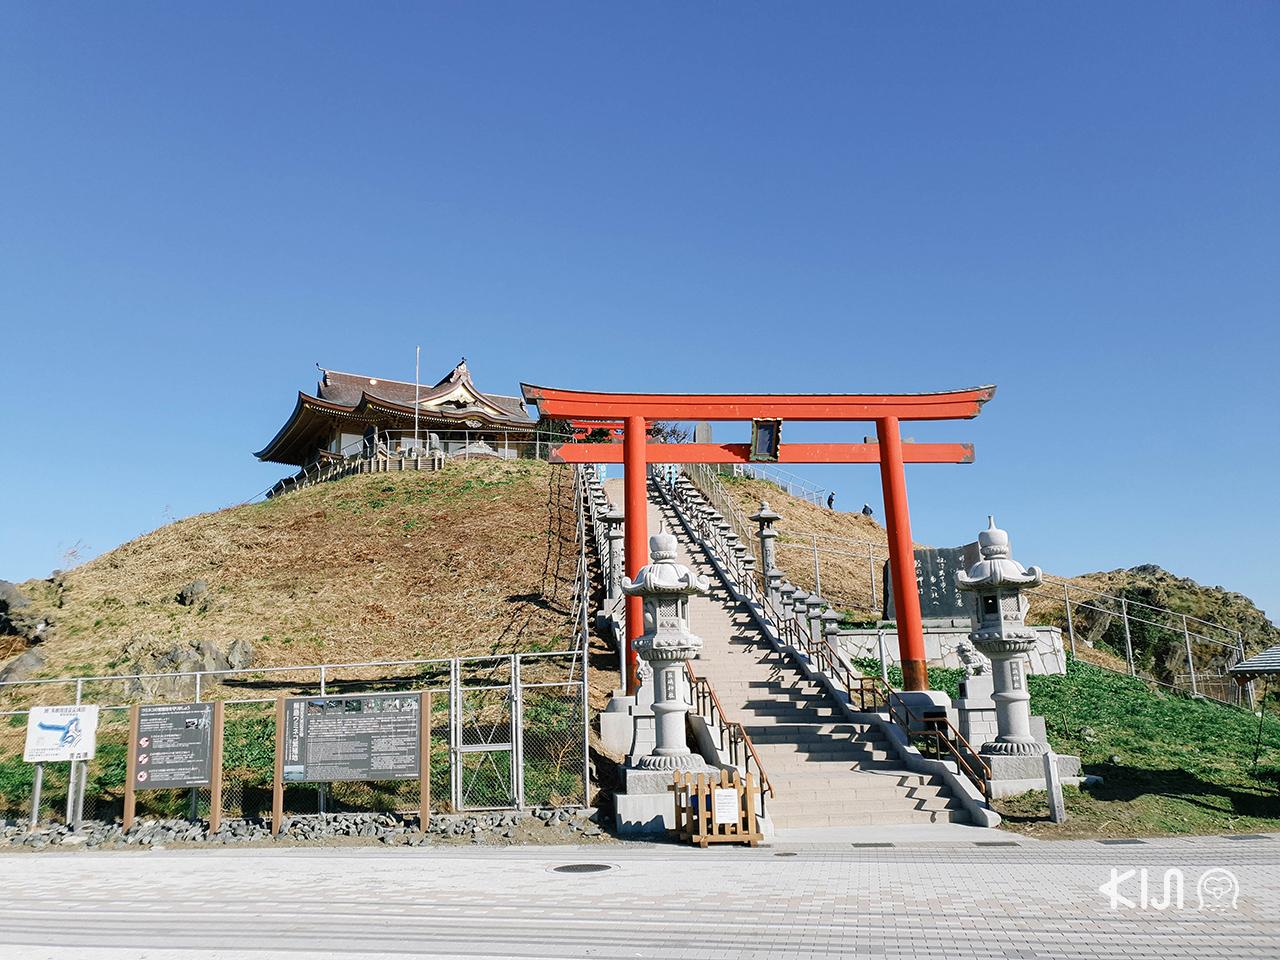 ทริปฤดู ใบไม้เปลี่ยนสี โทโฮคุ : ศาลเจ้าคาบุชิมะ (Kabushima Shrine)